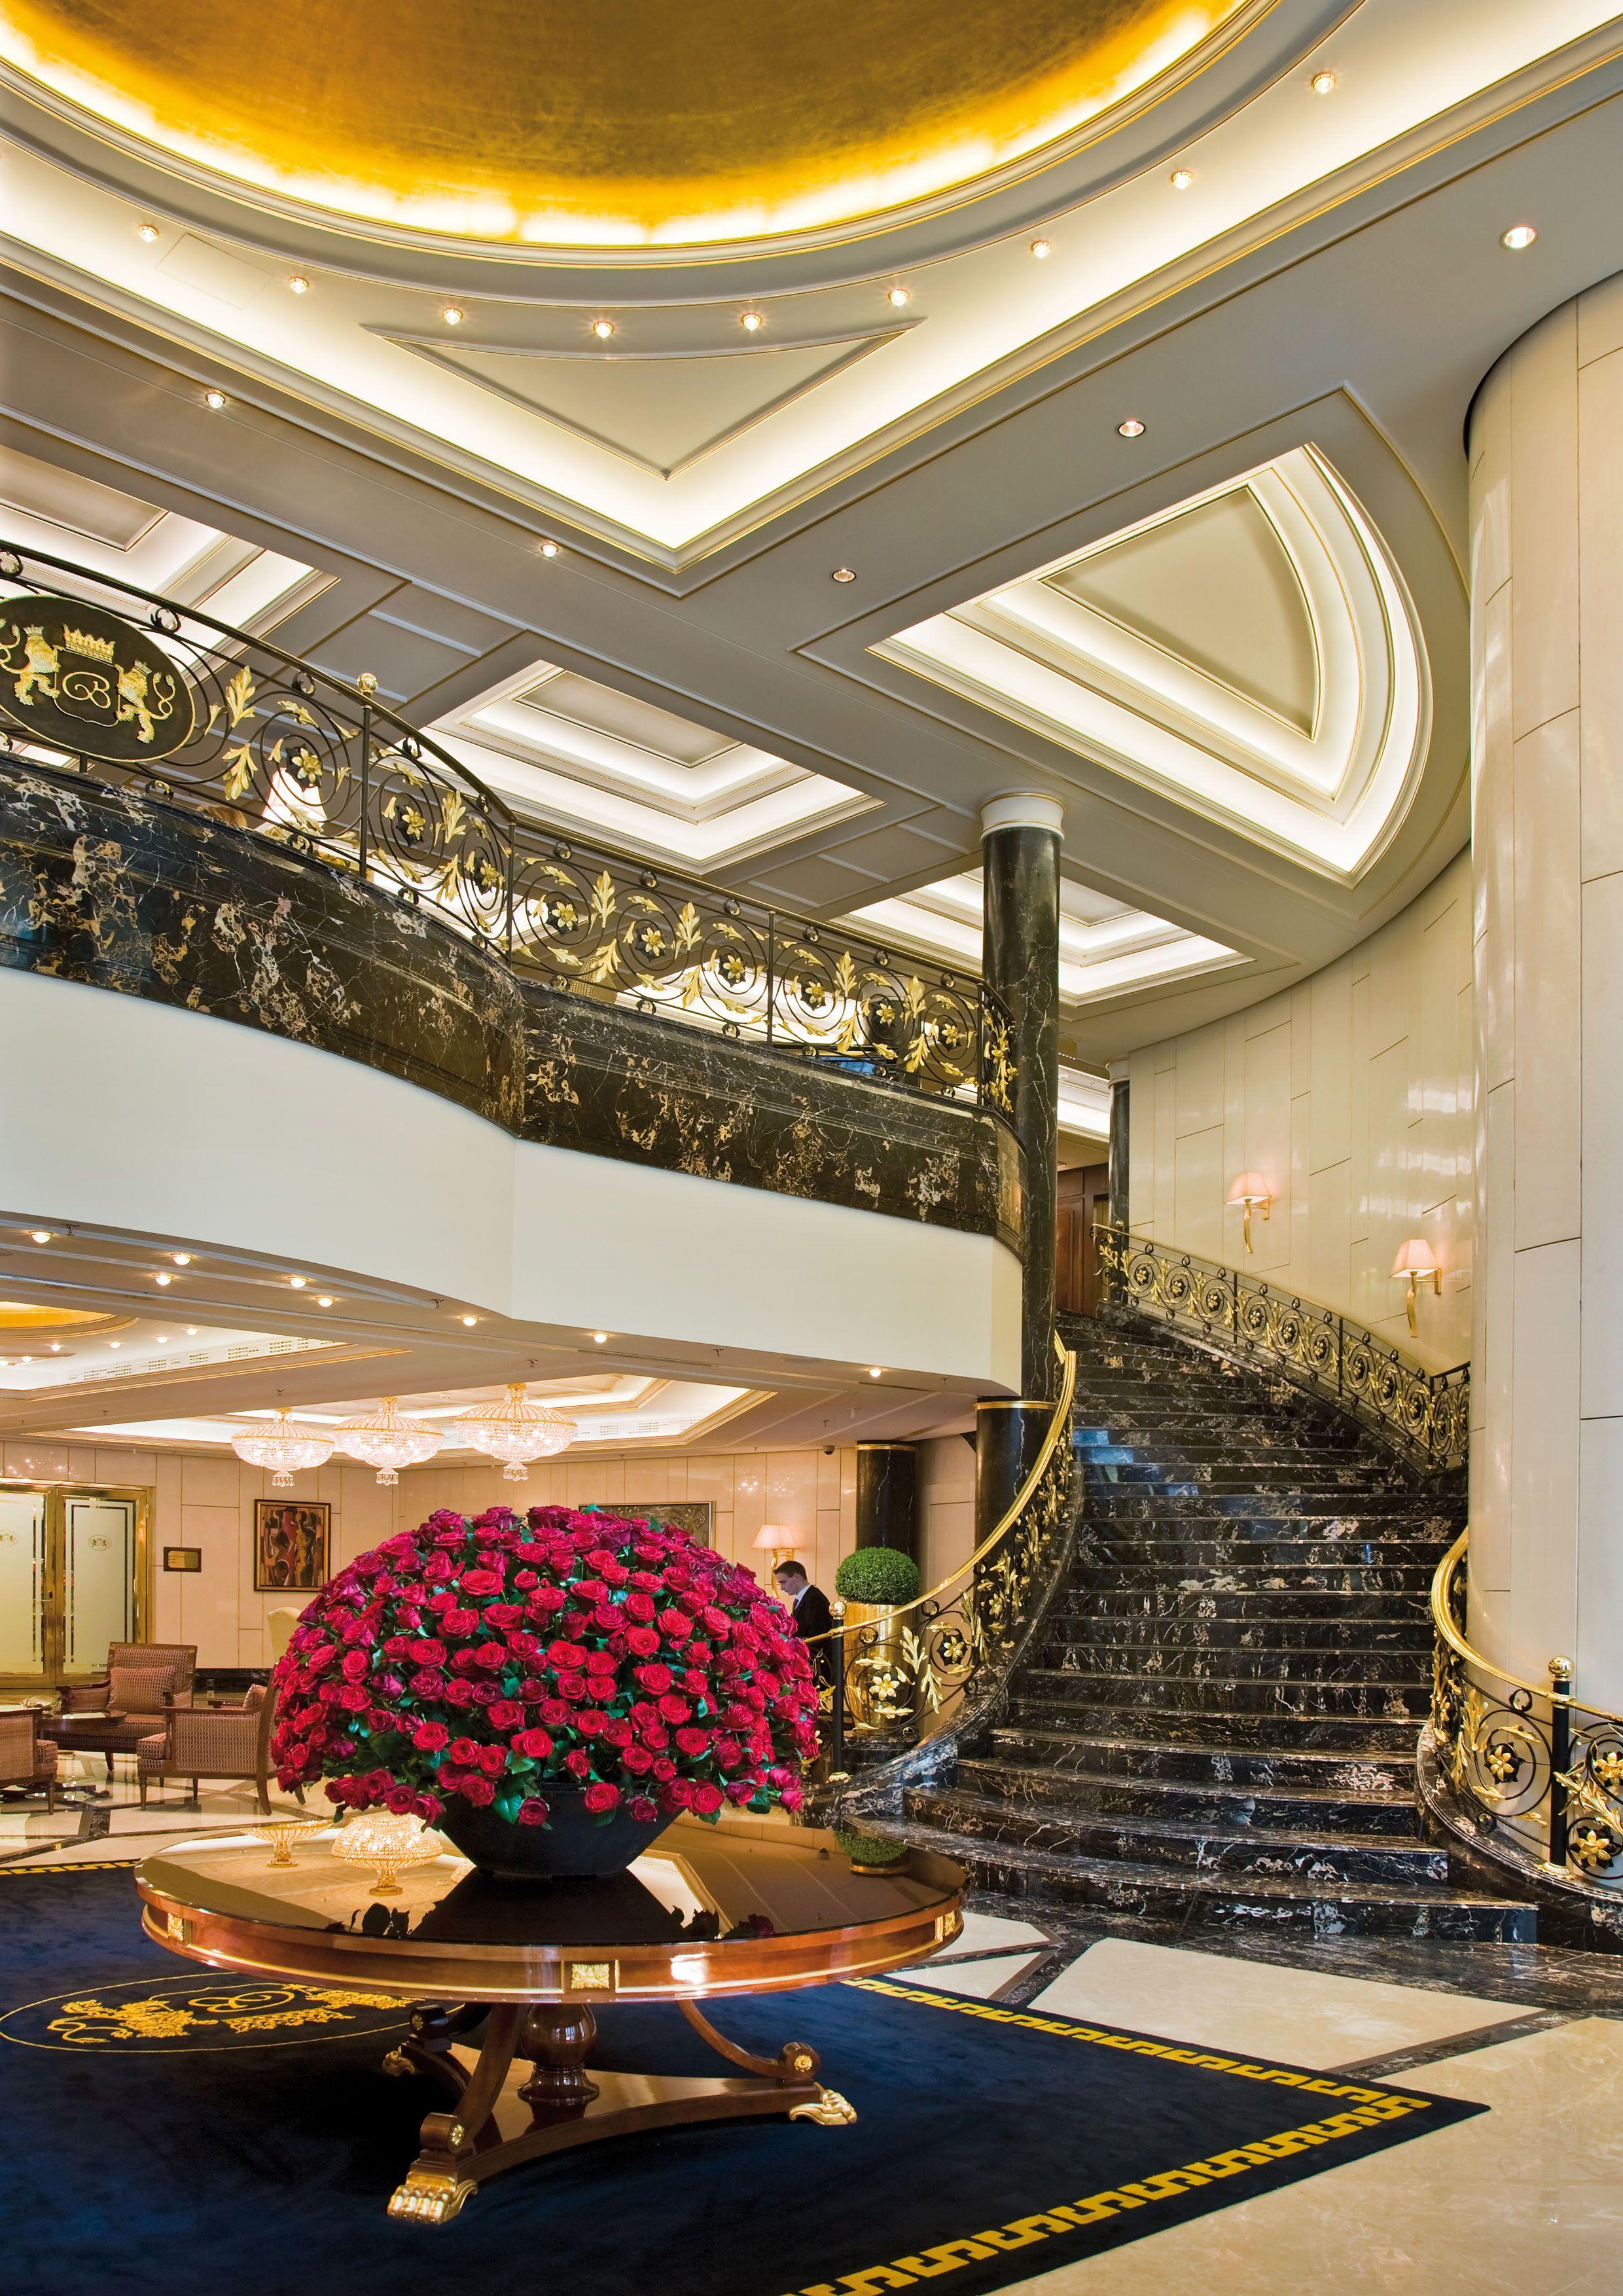 Pin von 聖工坊有限公司 auf 大廳 Lobby Luxushotel, Fairmont hotel